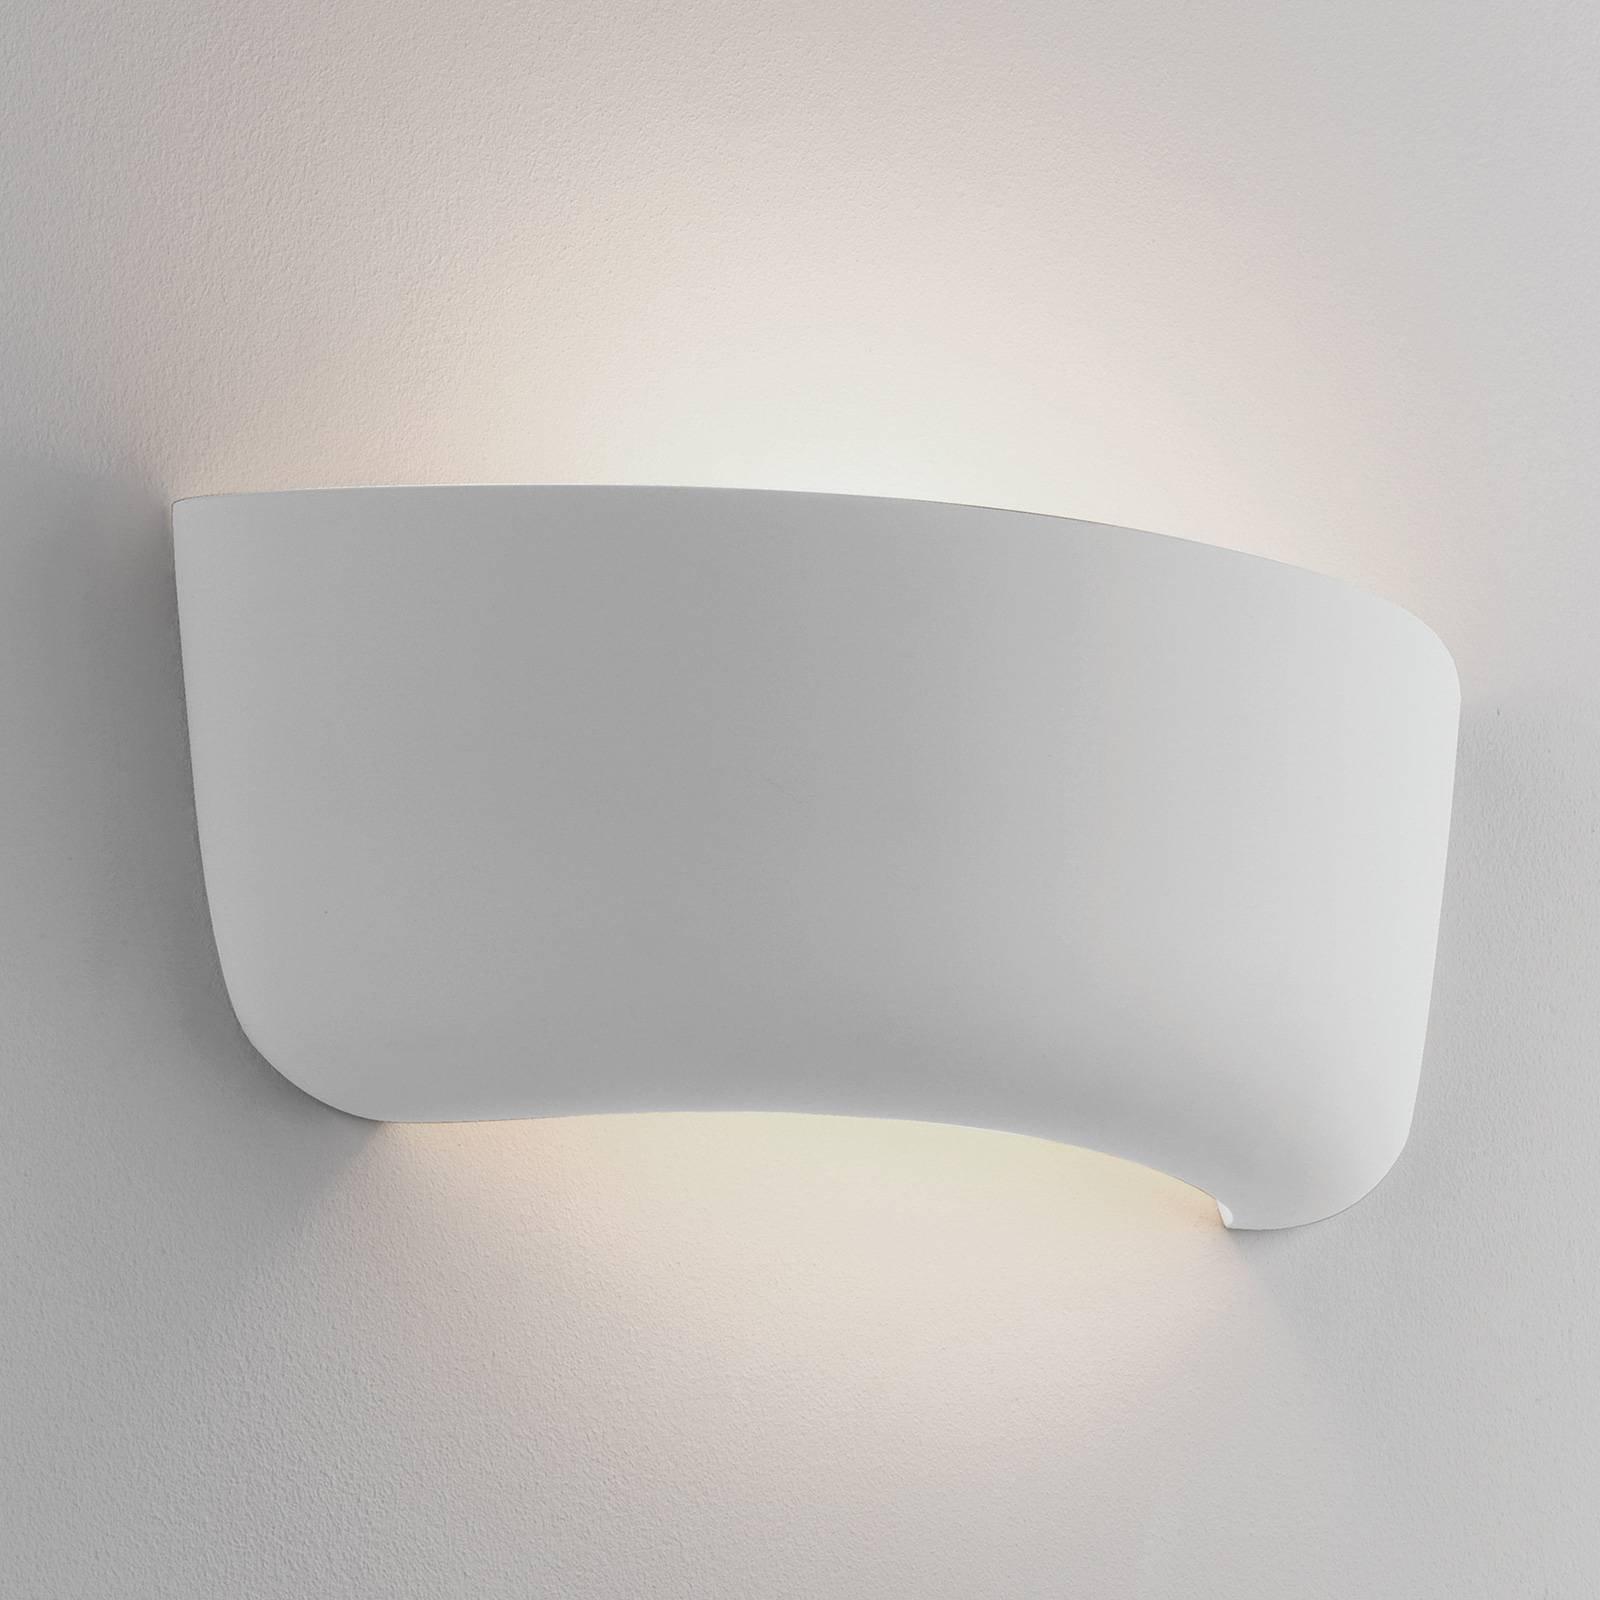 Astro Gosford 340 vegglampe av kermanikk, 34 cm